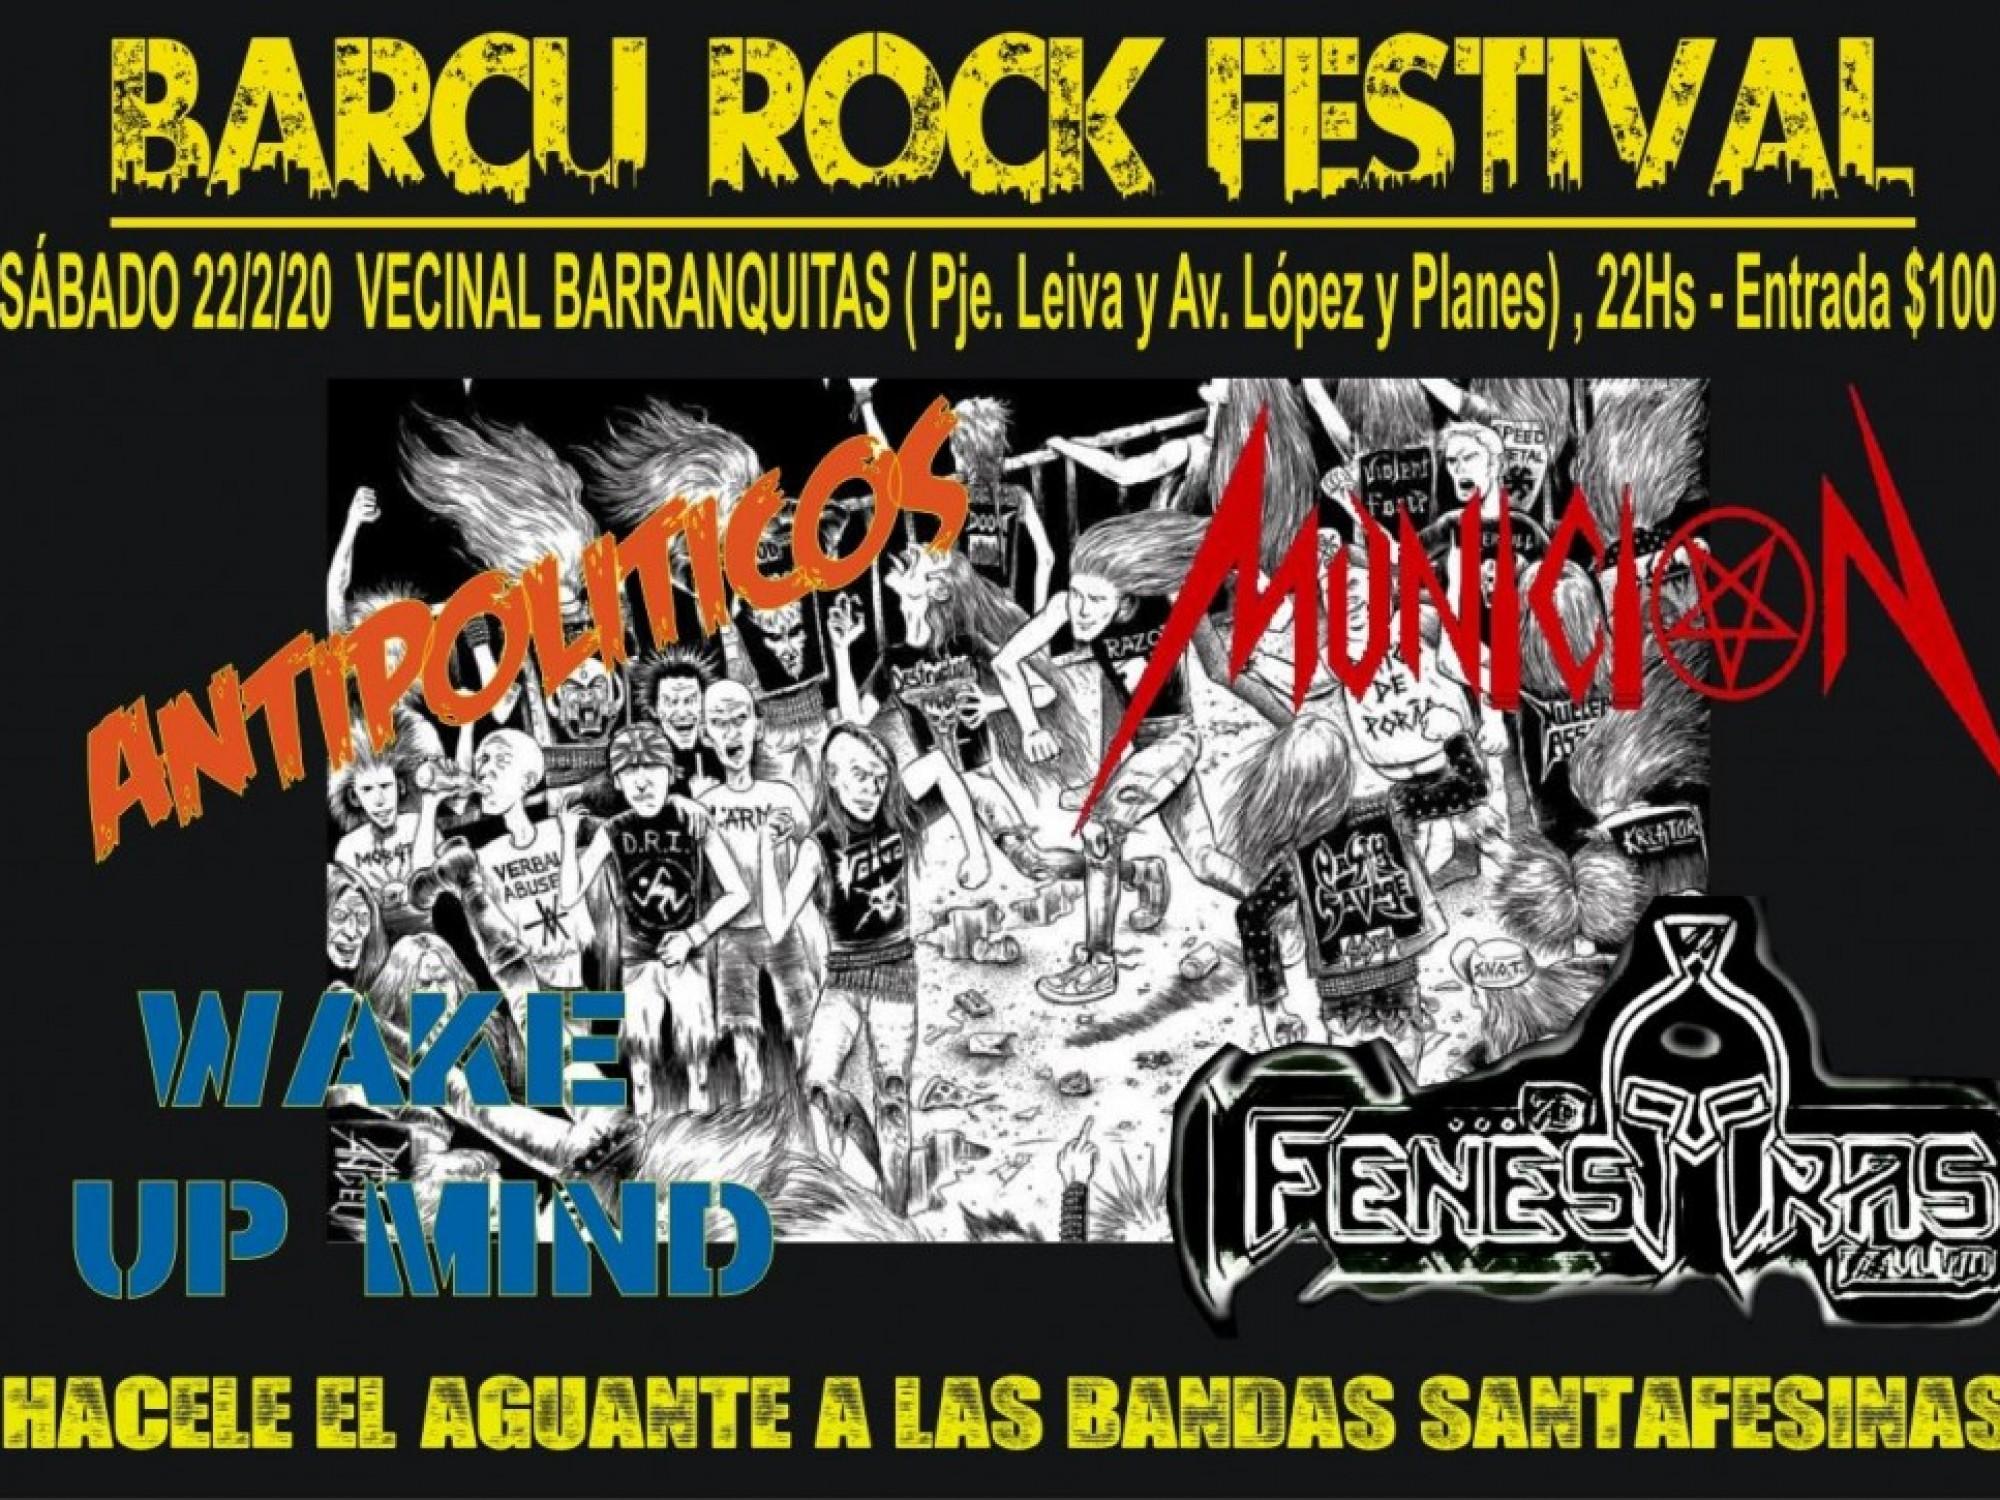 22/2 - Barcu Rock Festival